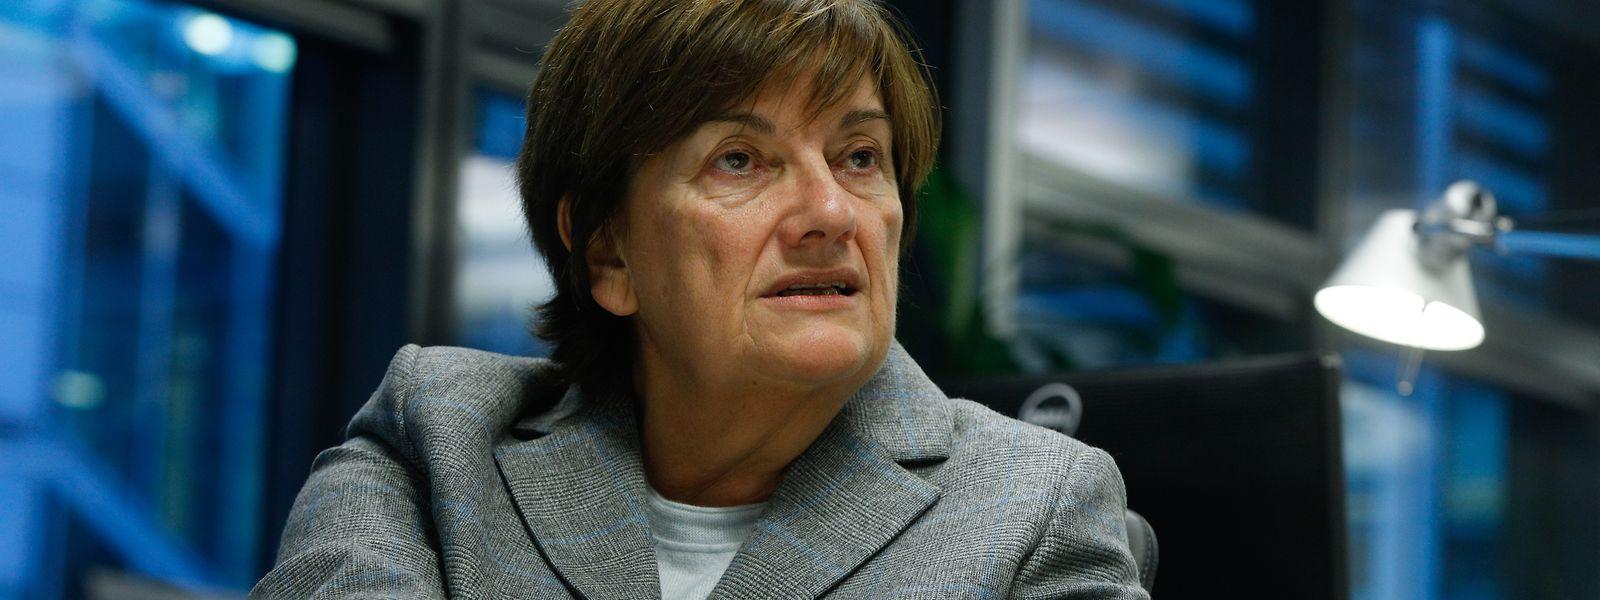 Pour Michèle Detaille, il faut tirer les conséquences du dossier Fage et aller de l'avant.